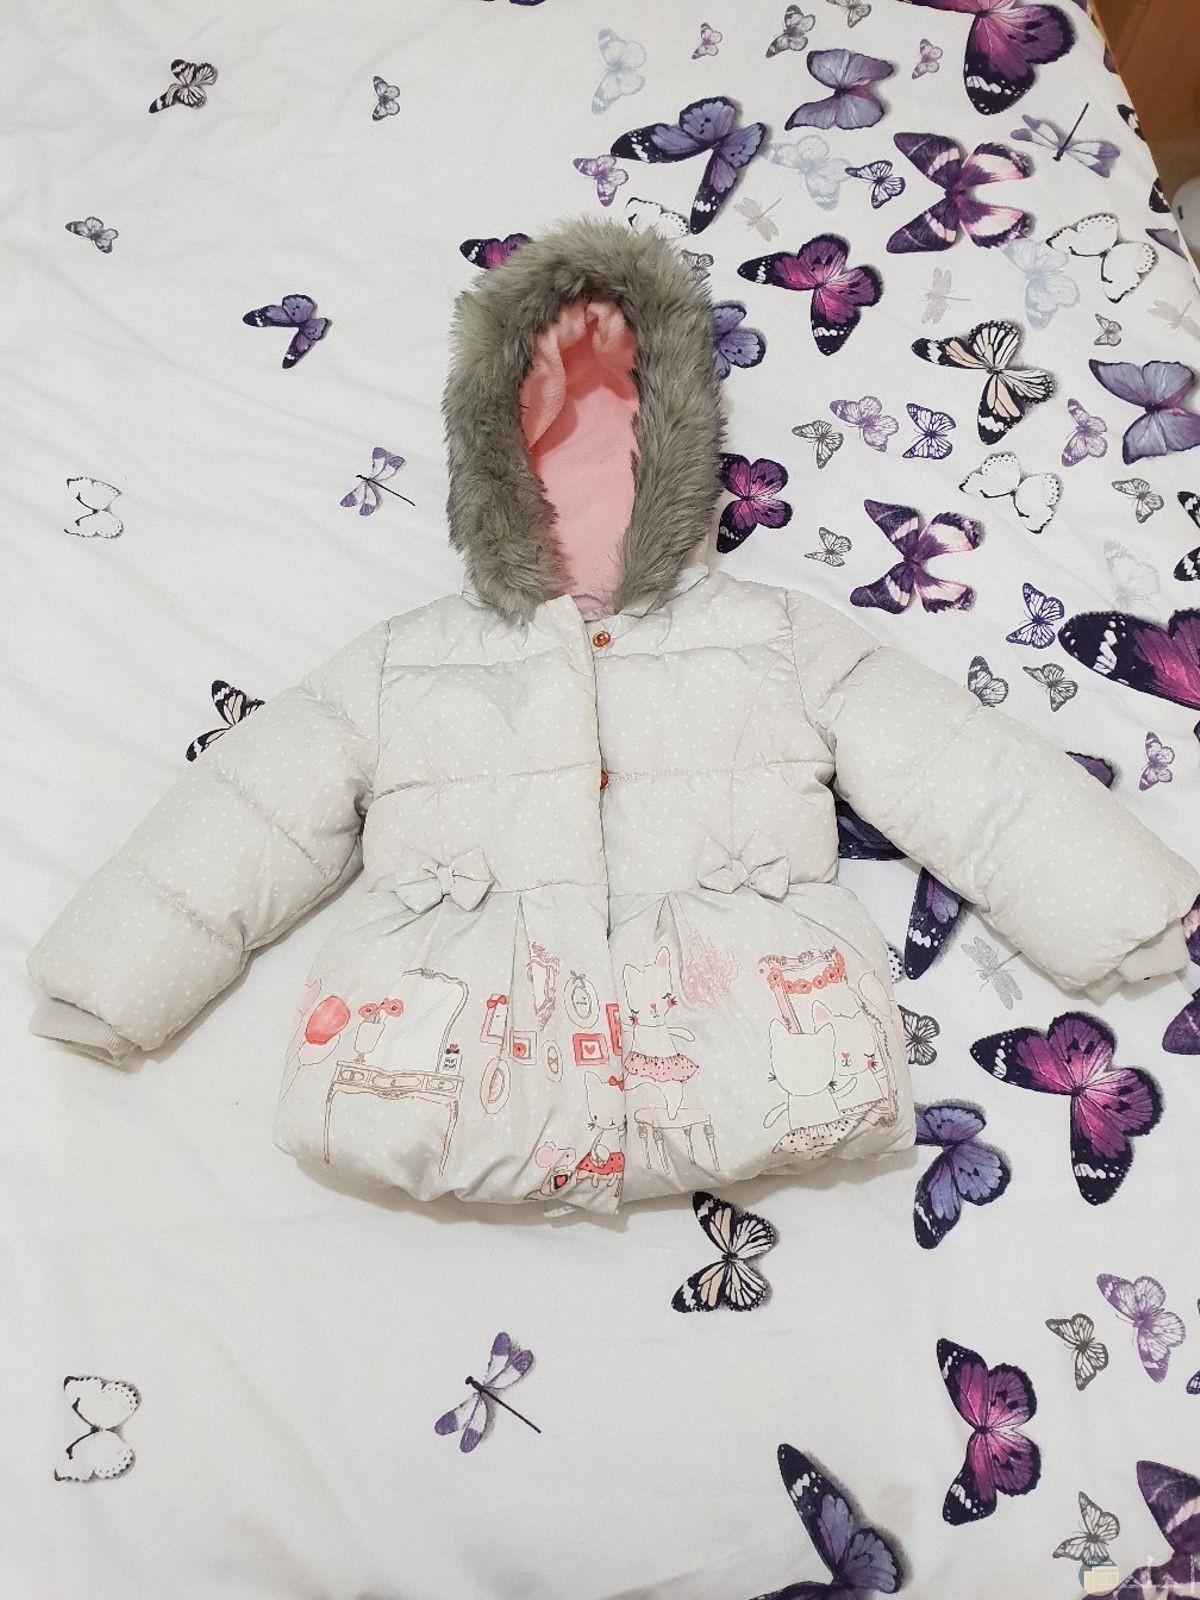 صورة لملابس أطفال شتوية جميلة لحمايتهم باللون الأبيض